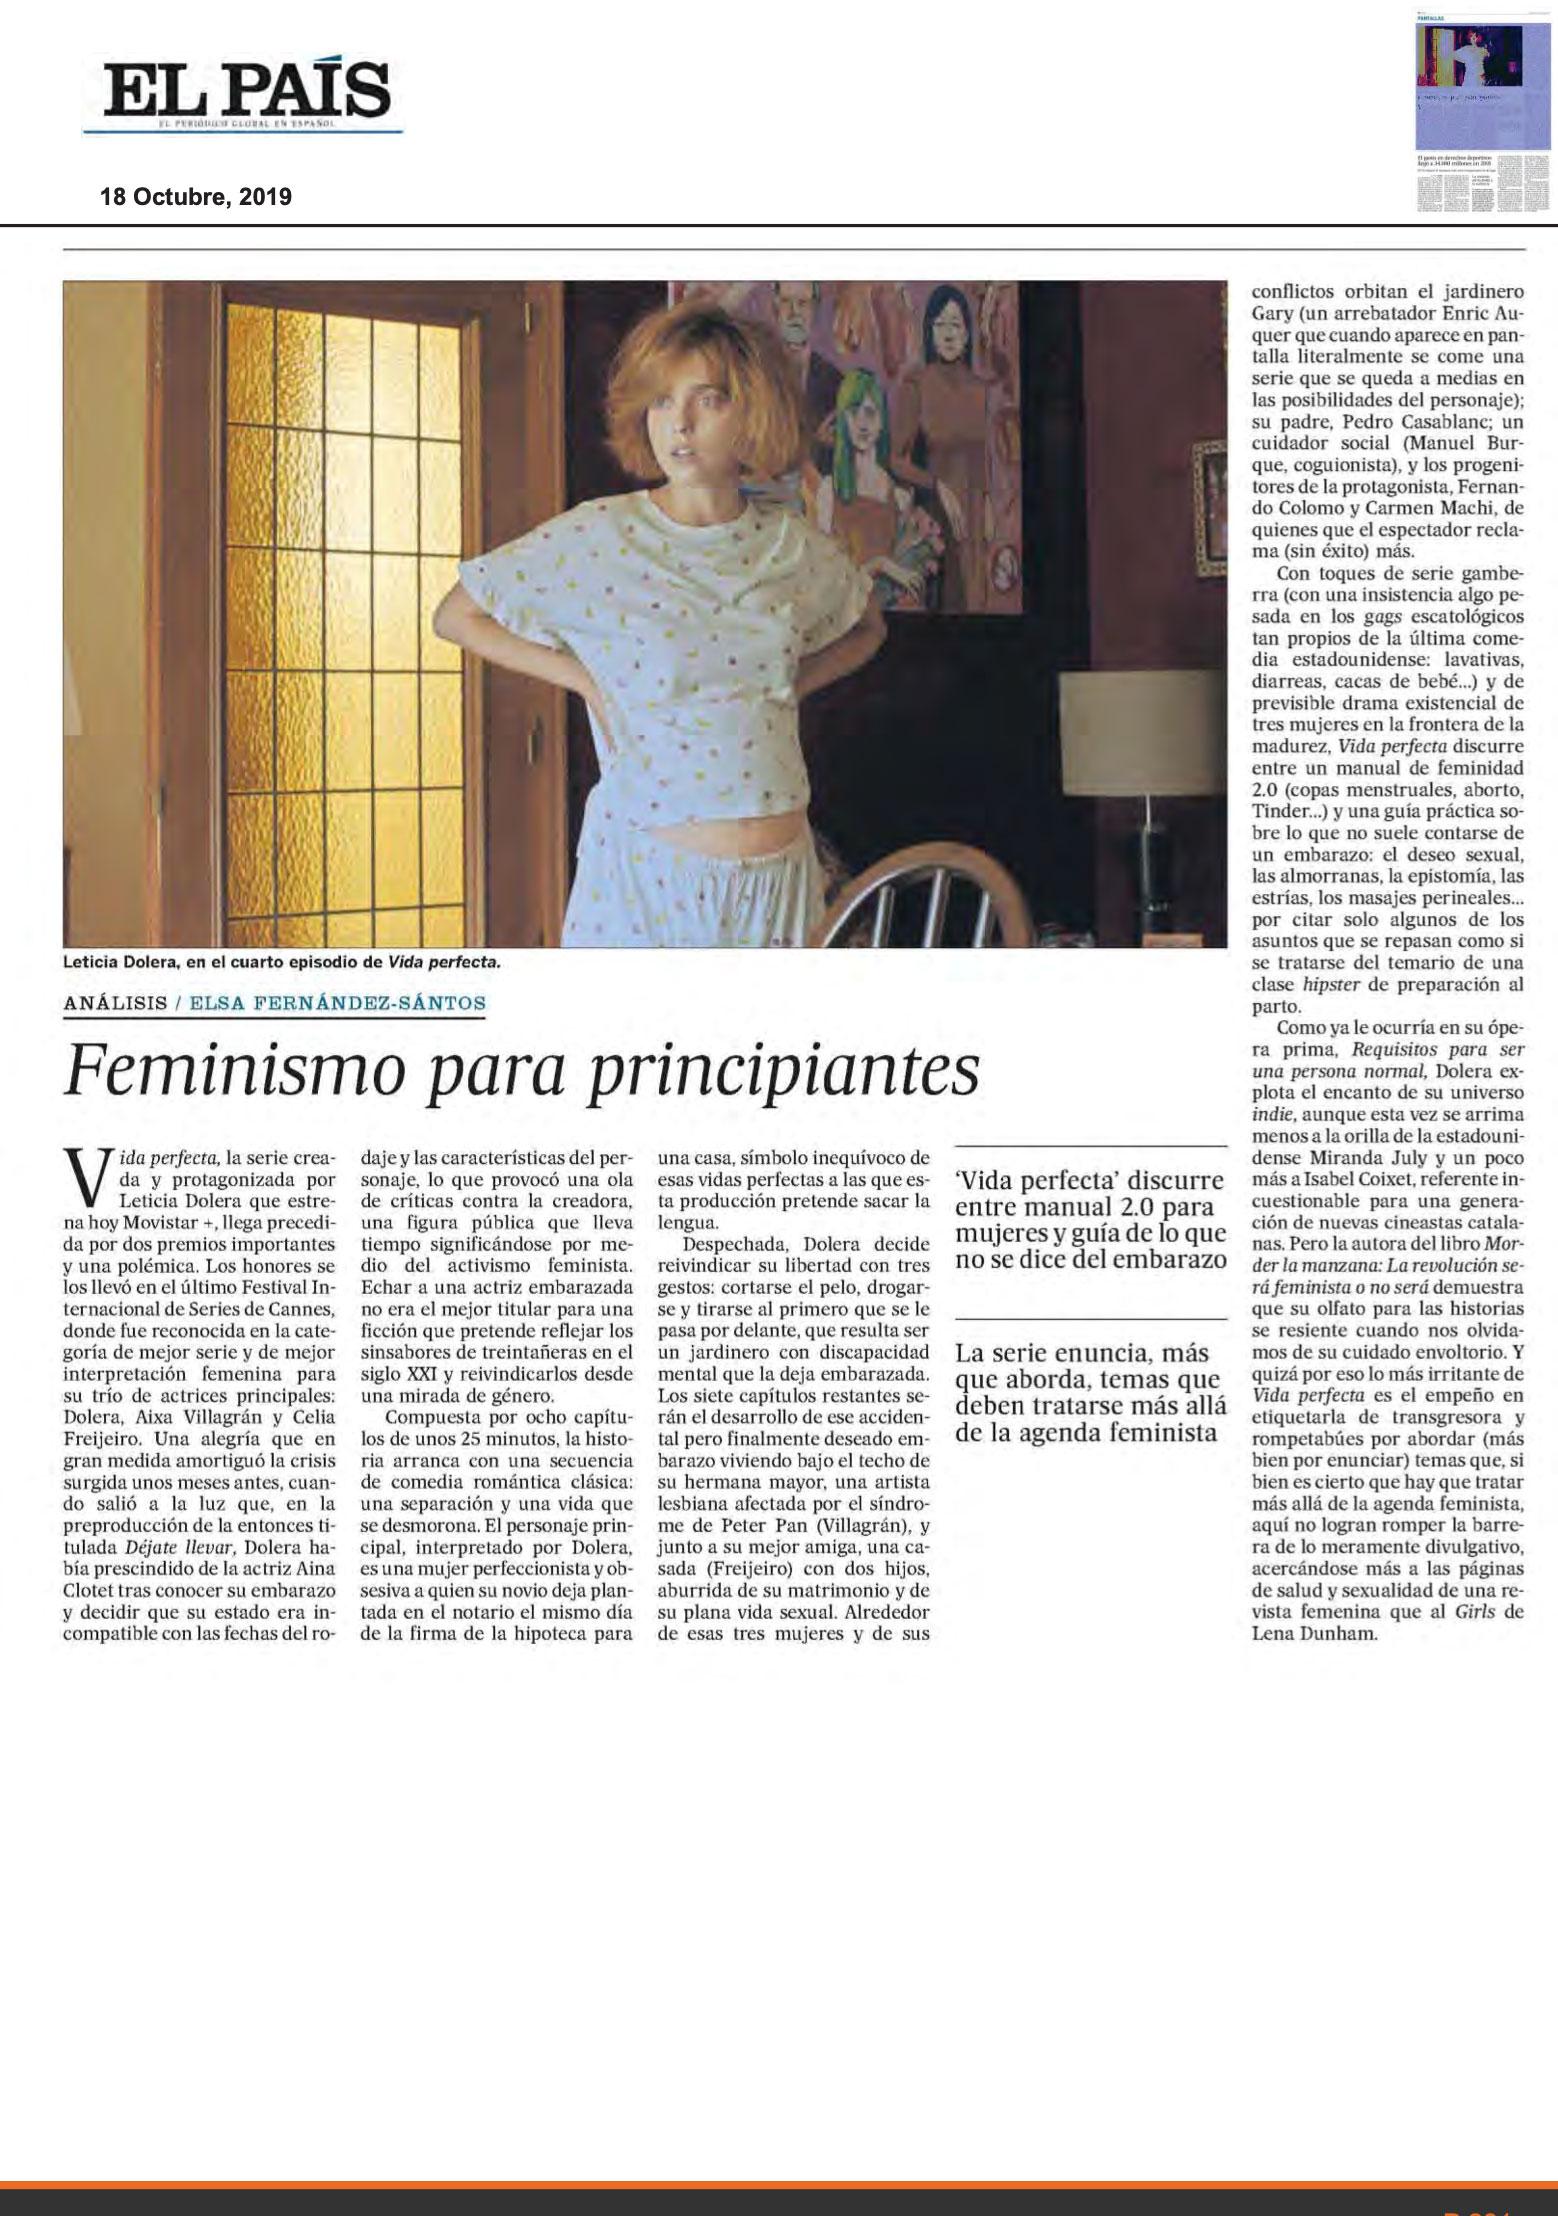 EL PAIS - Oct. 2019